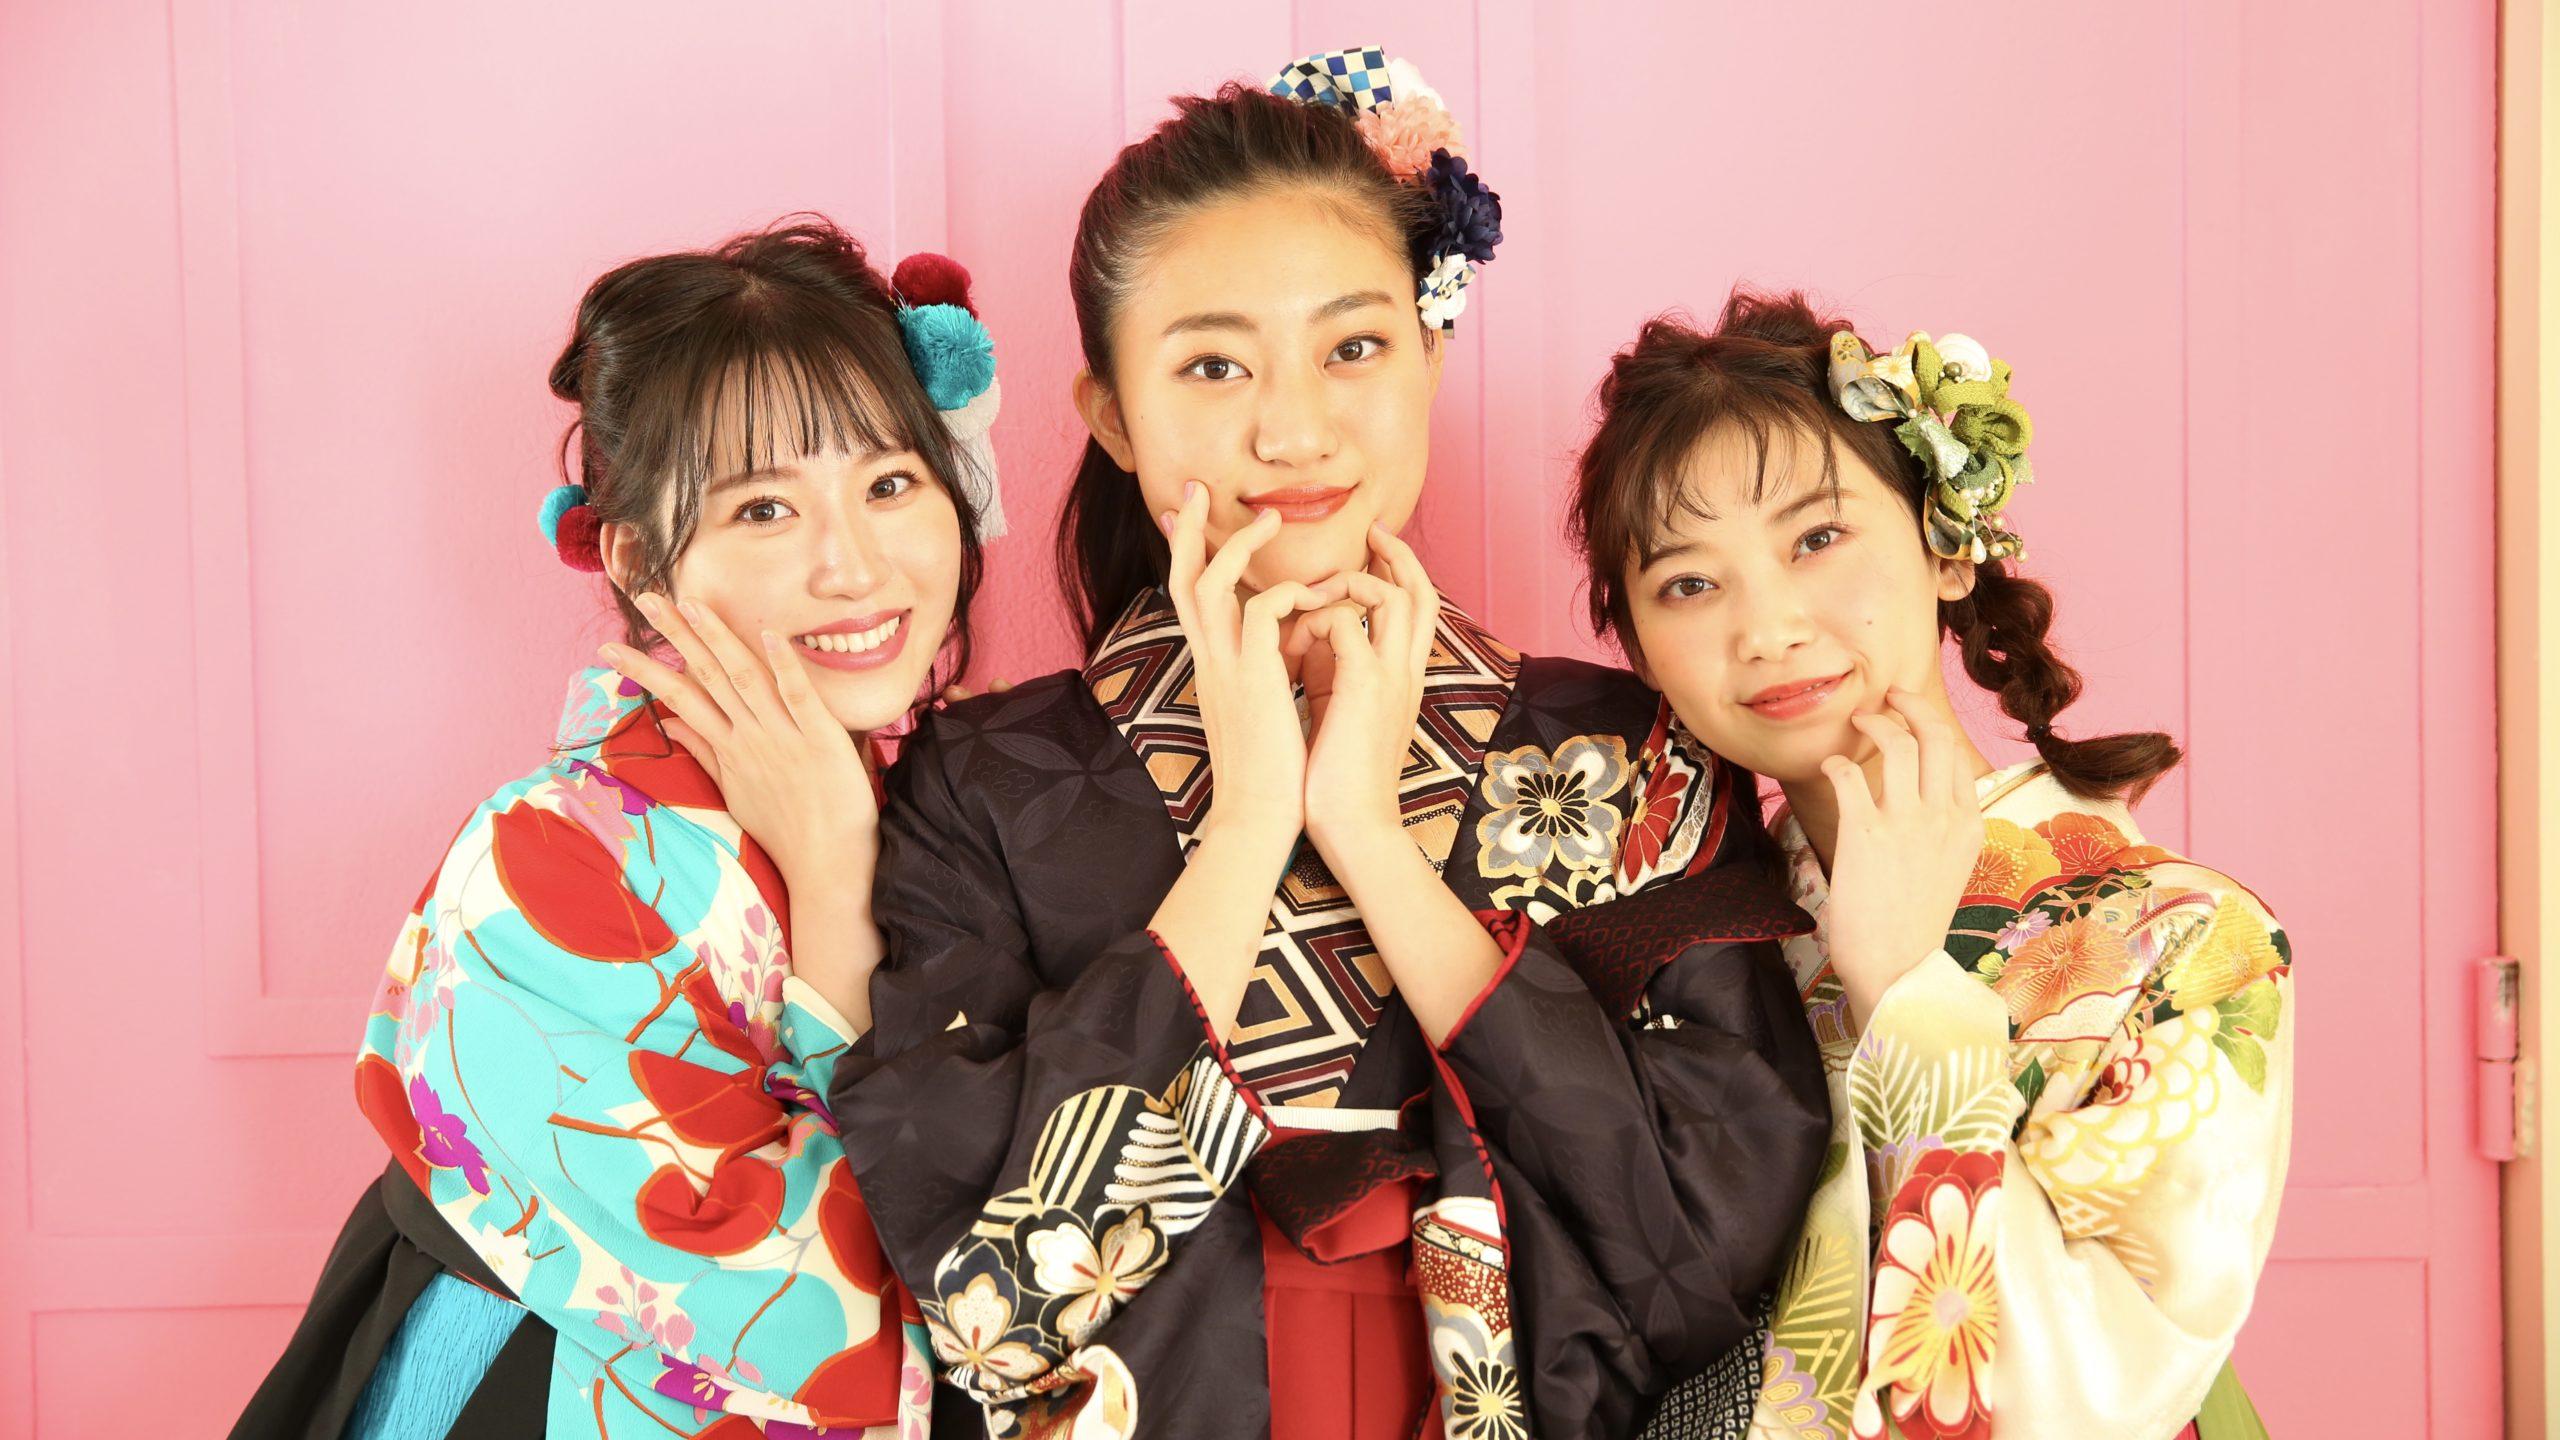 [祝・卒業]袴を着たら、しぐさや動作も大人のマナーで。